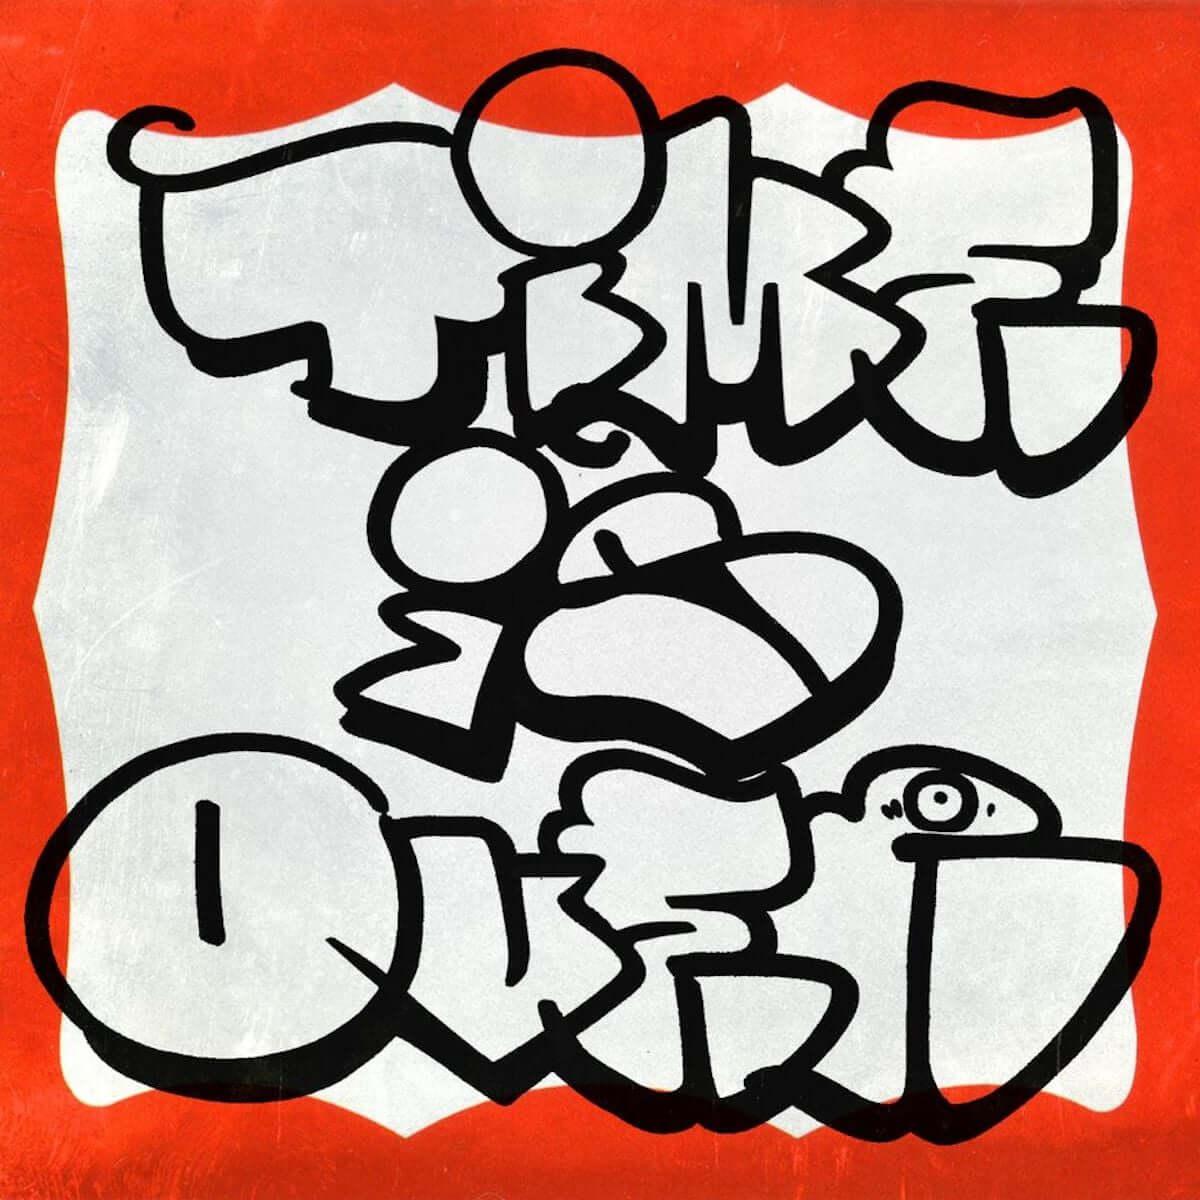 TOSHIKI HAYASHI(%C)の最新EP 『TIME IS OVER EP』からBASI&鈴木真海子参加表題曲のMVが公開 music190419_toshikihayashi_1-1200x1200